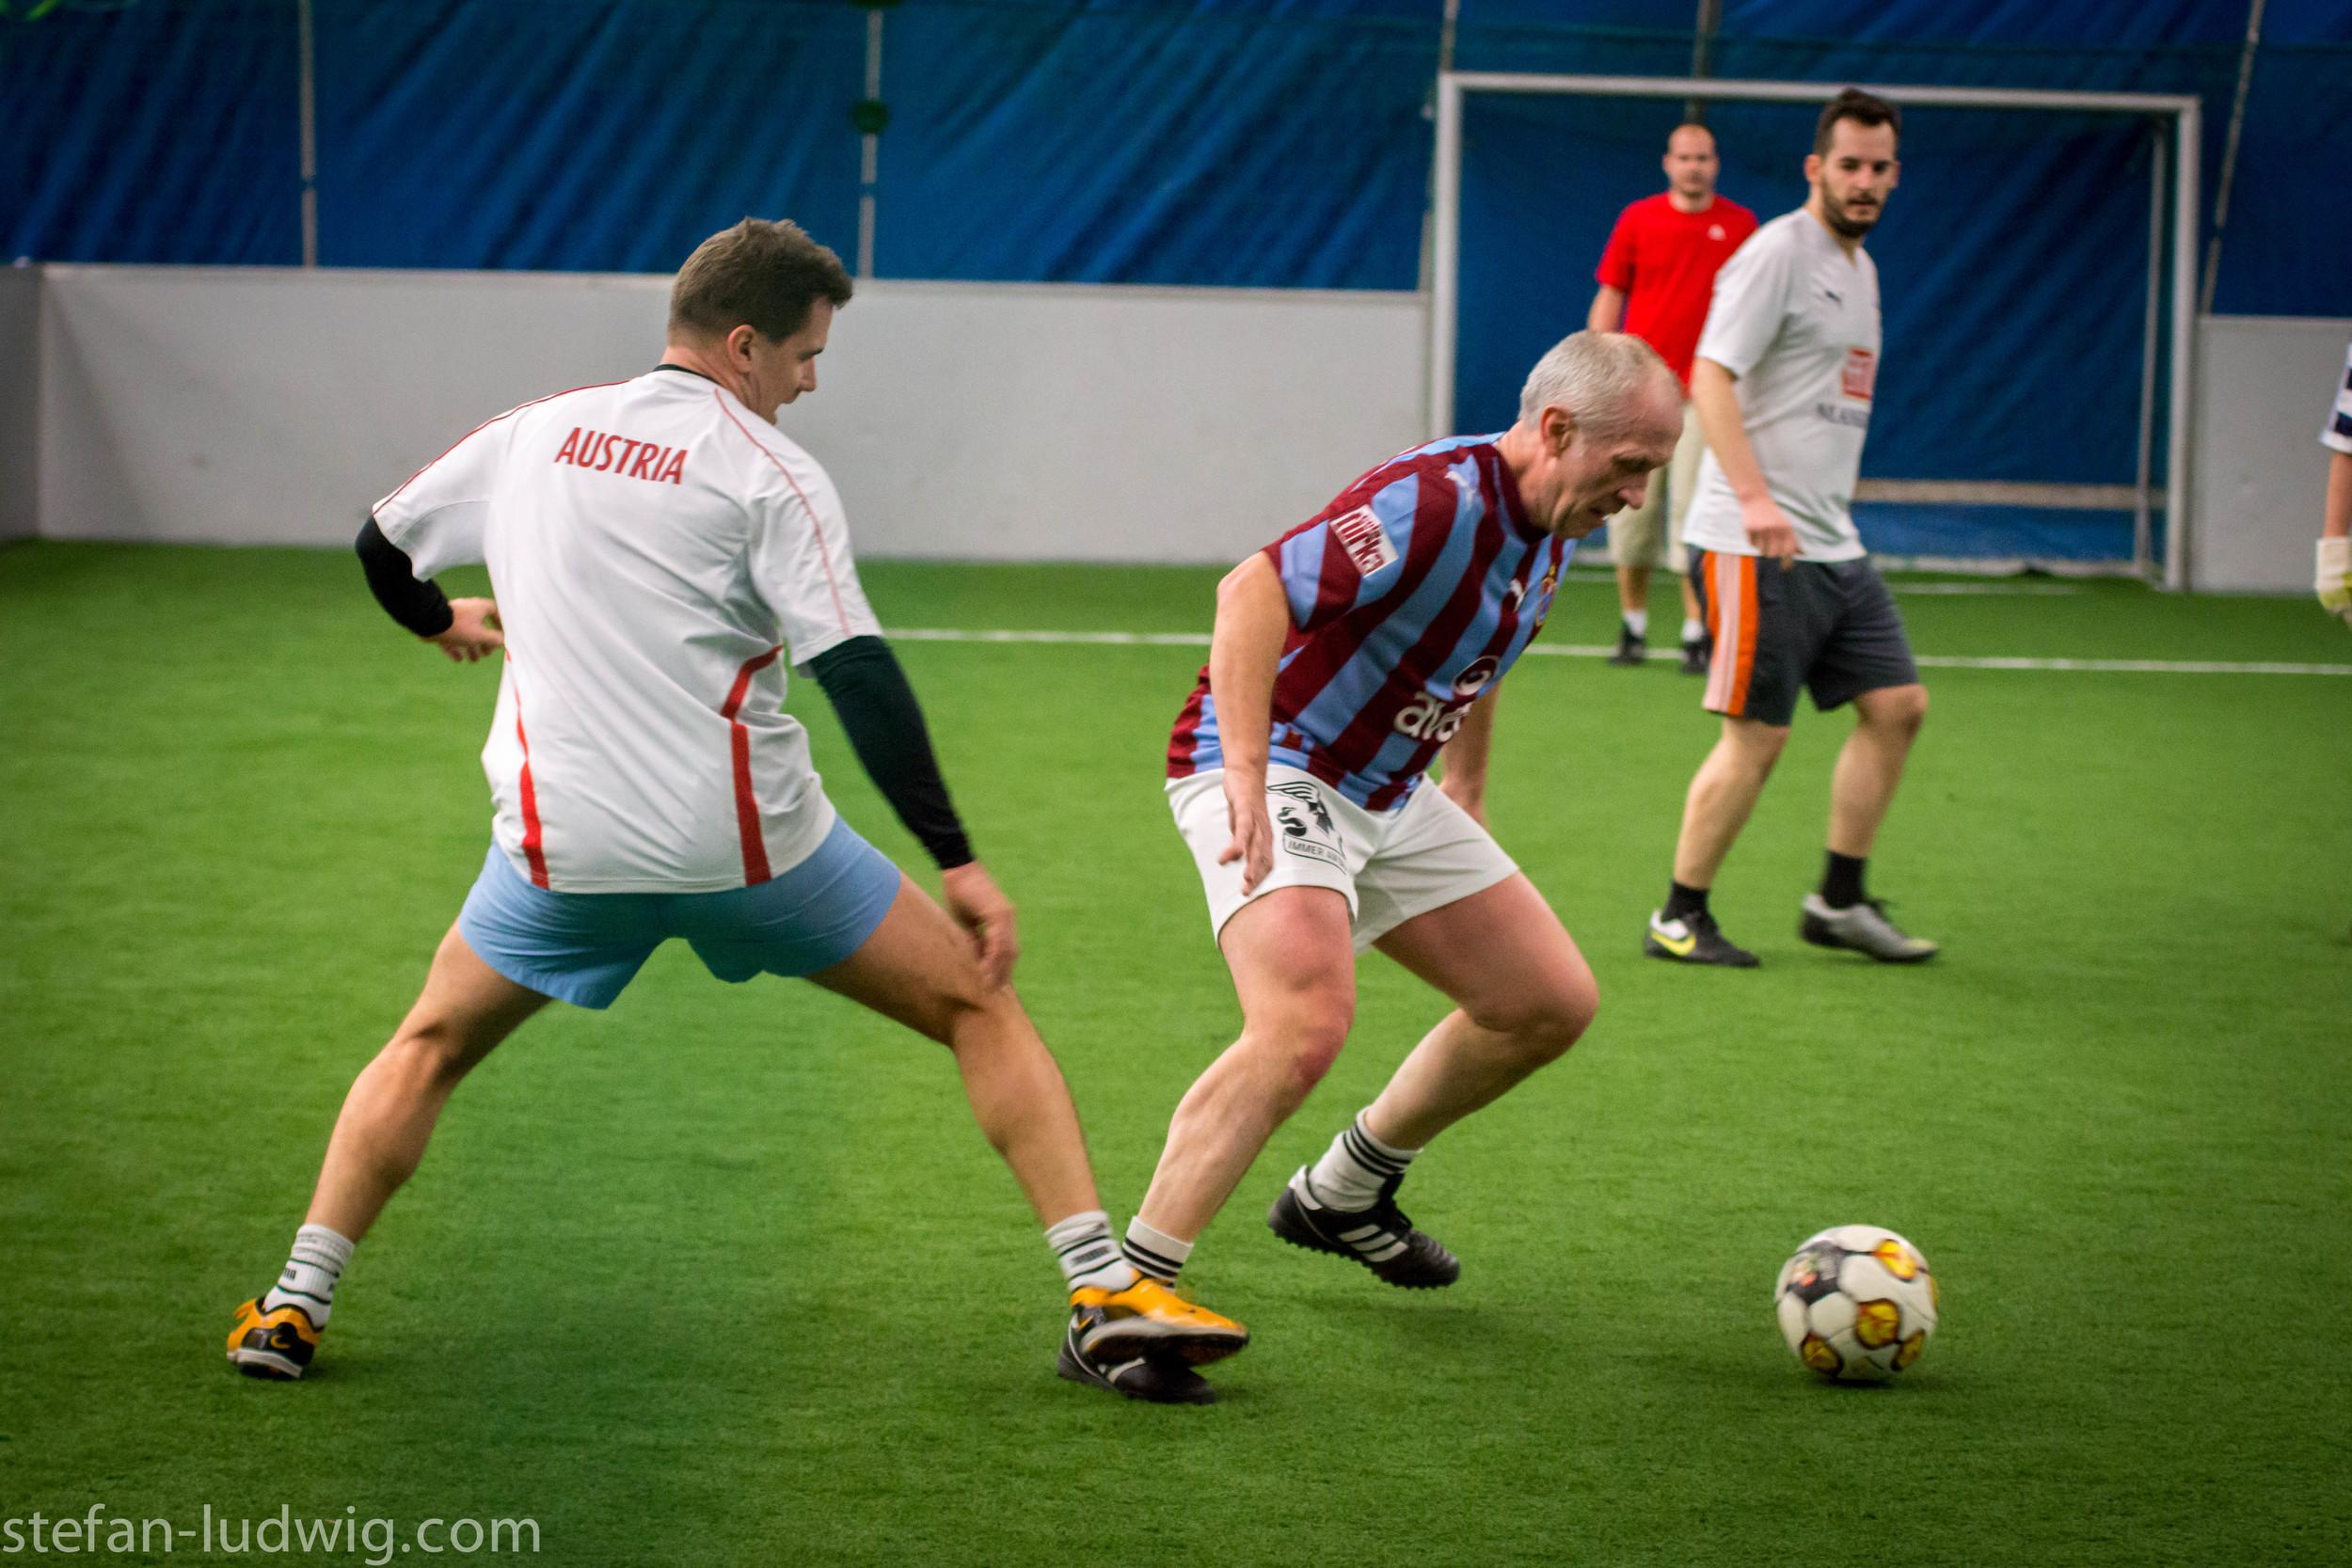 Soccerdome2014-01675.jpg